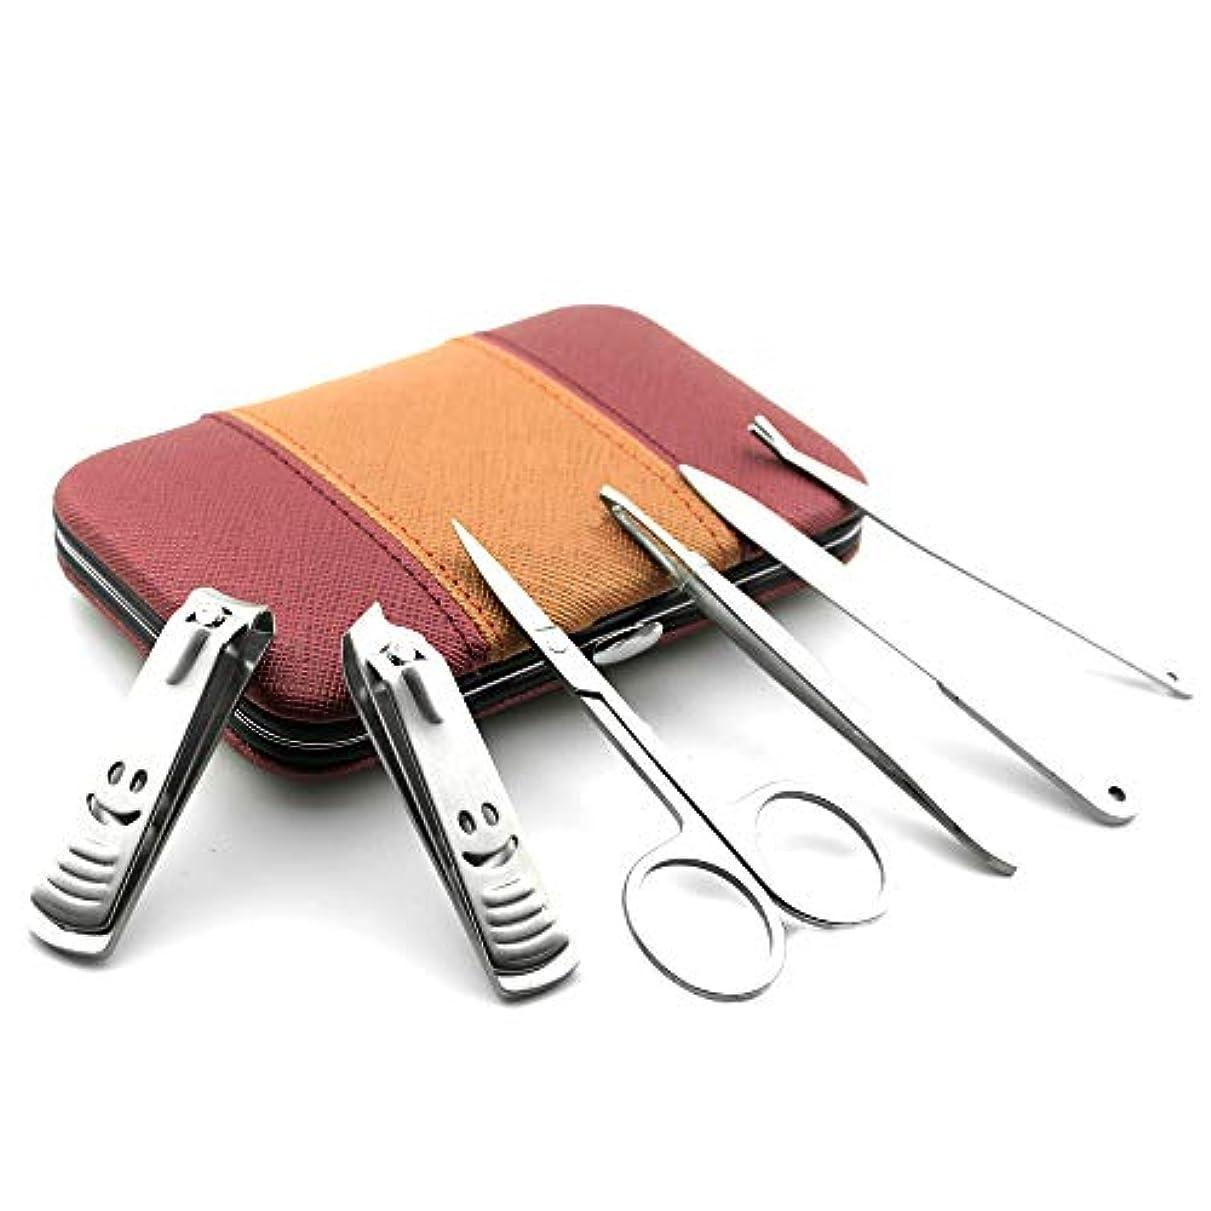 送金言い直す生き返らせる爪切りセット多機能 美容セット携帯便利男女兼用 爪切りセット、6点セット